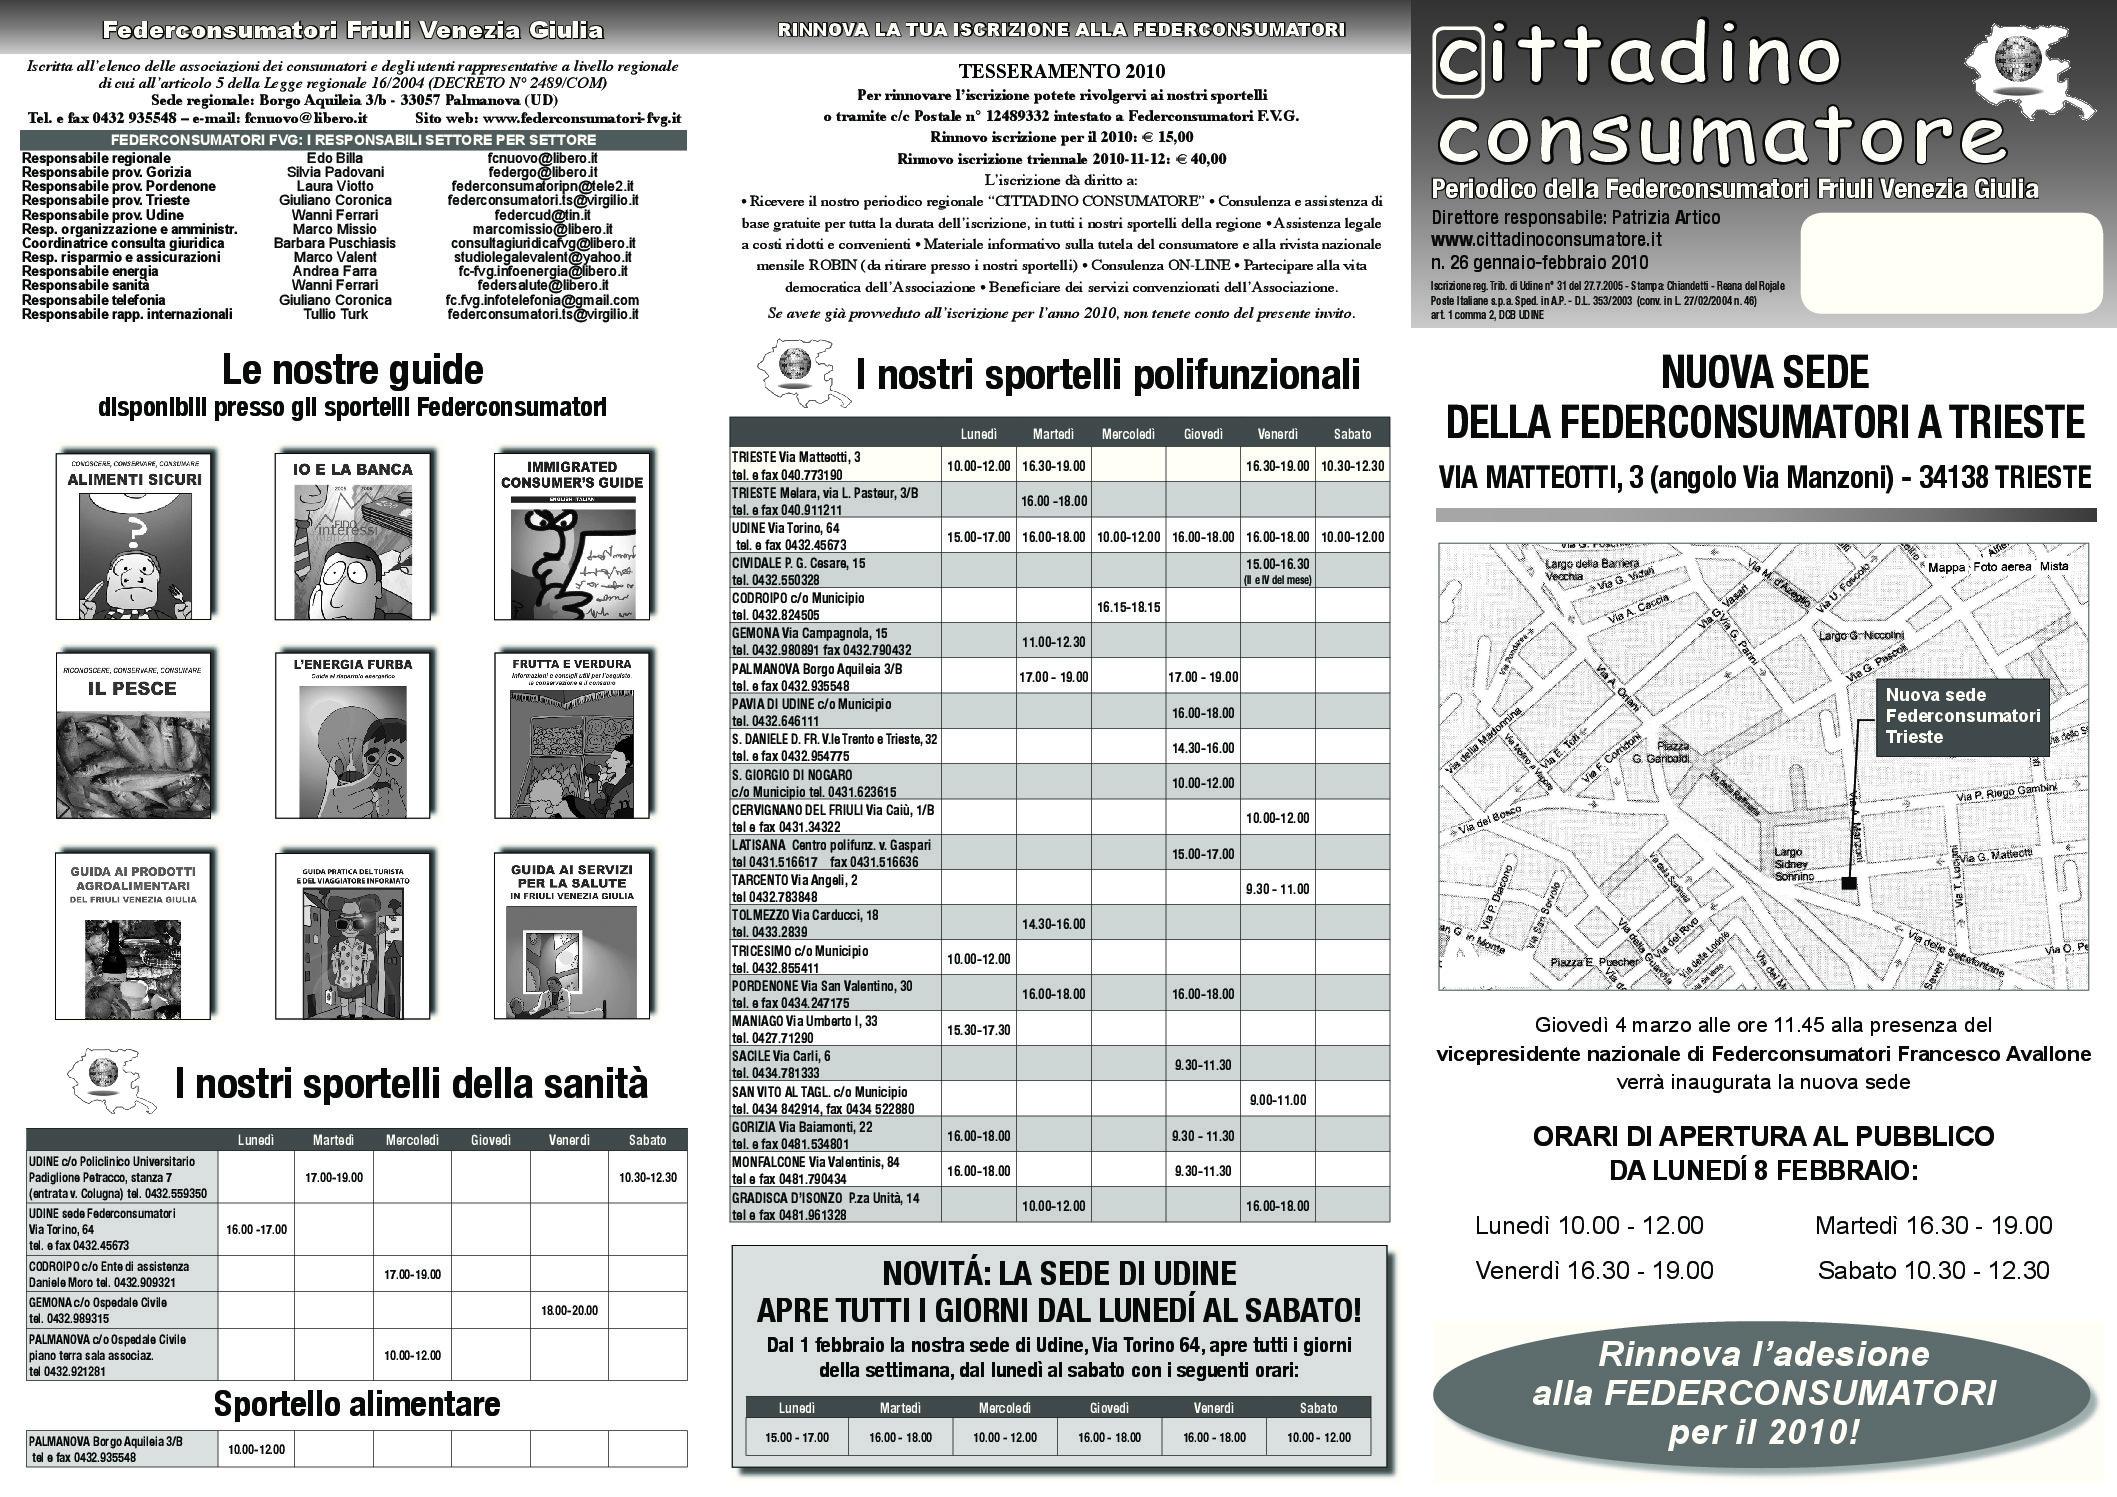 Cittadino Consumatore num. 26 (gen.-feb. 2010)